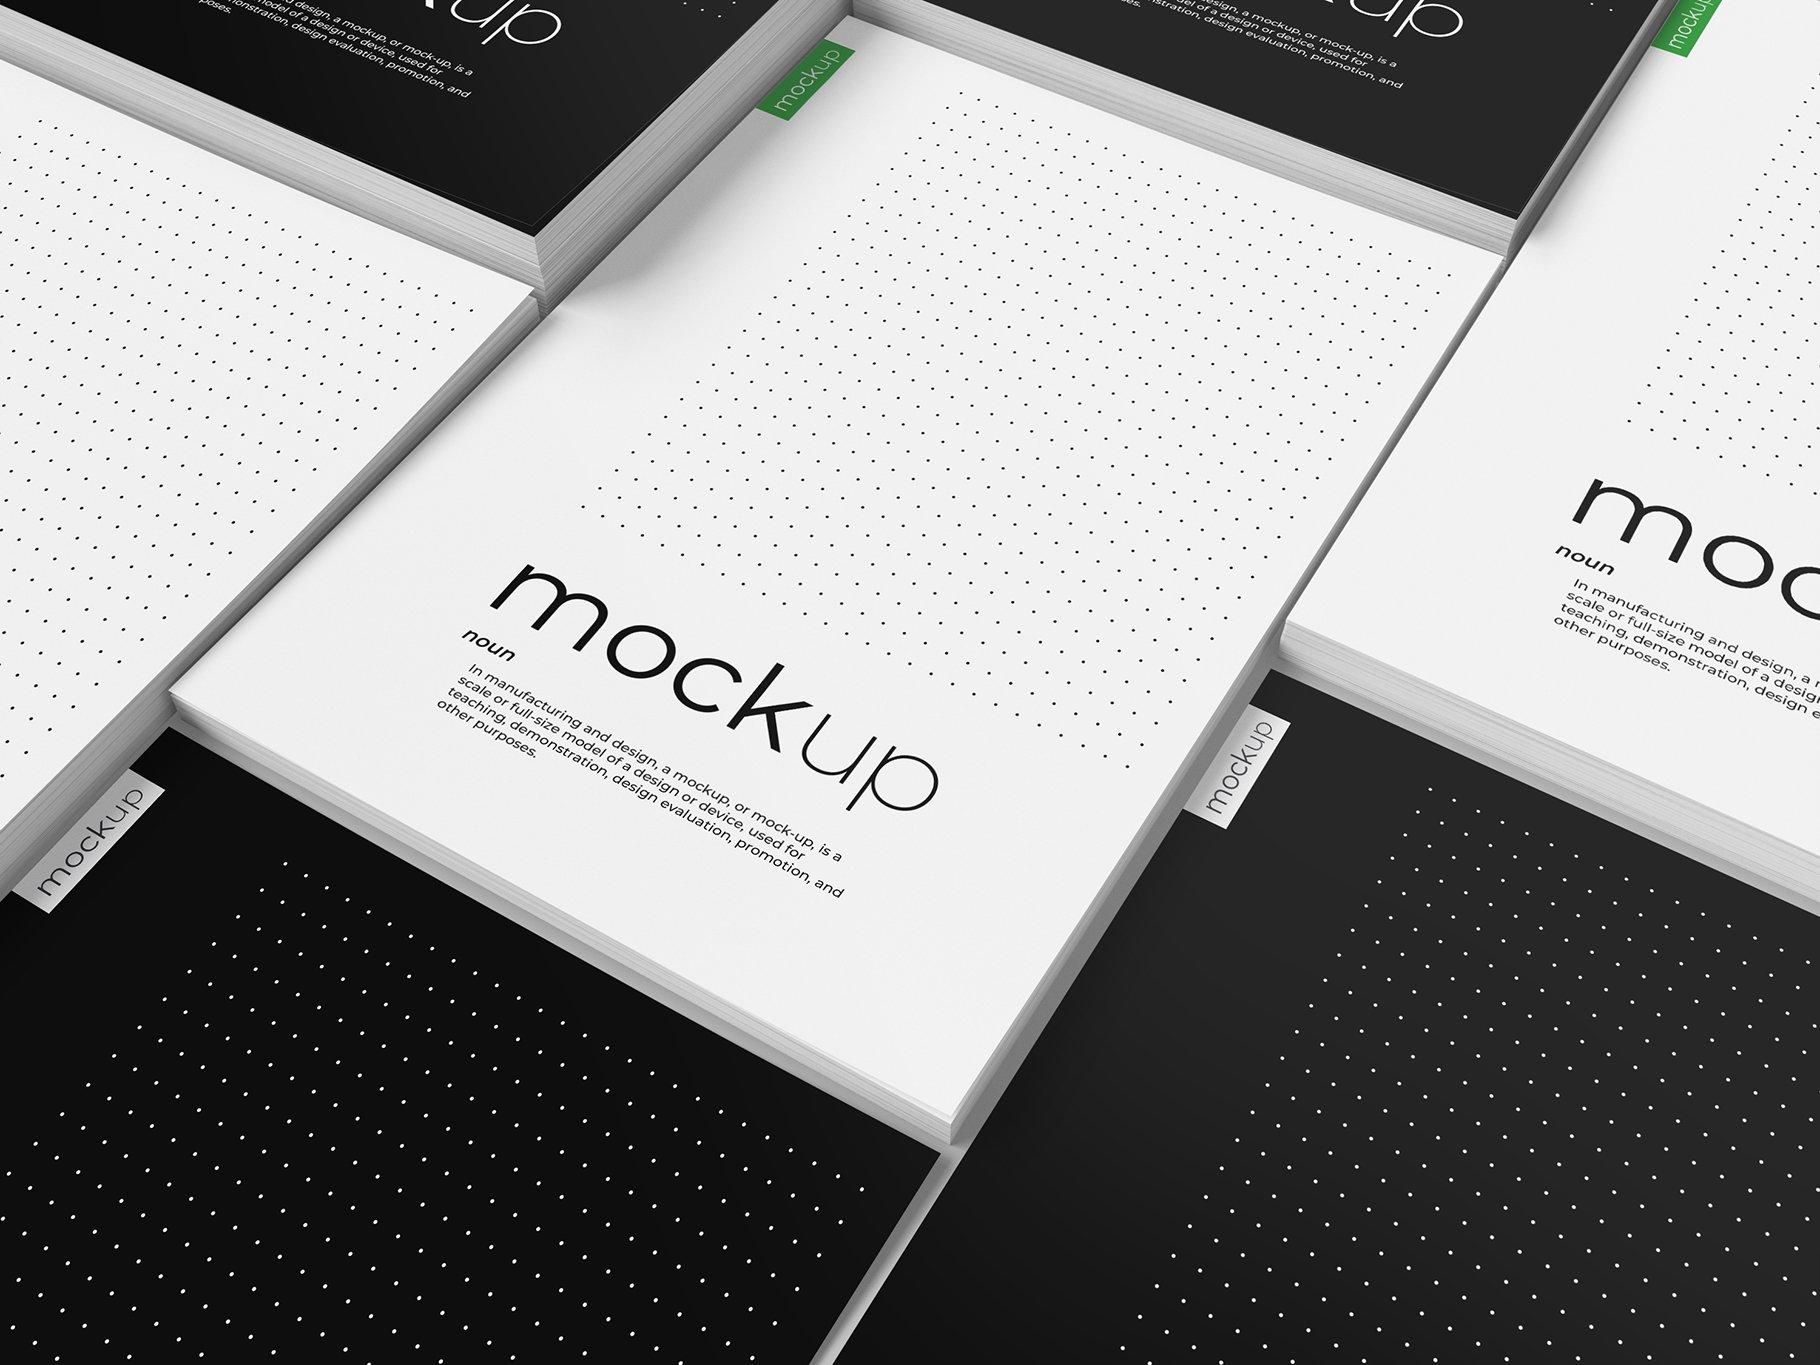 9款传单海报简历设计展示样机模板 Flyer Poster CV Mockup 2插图(7)